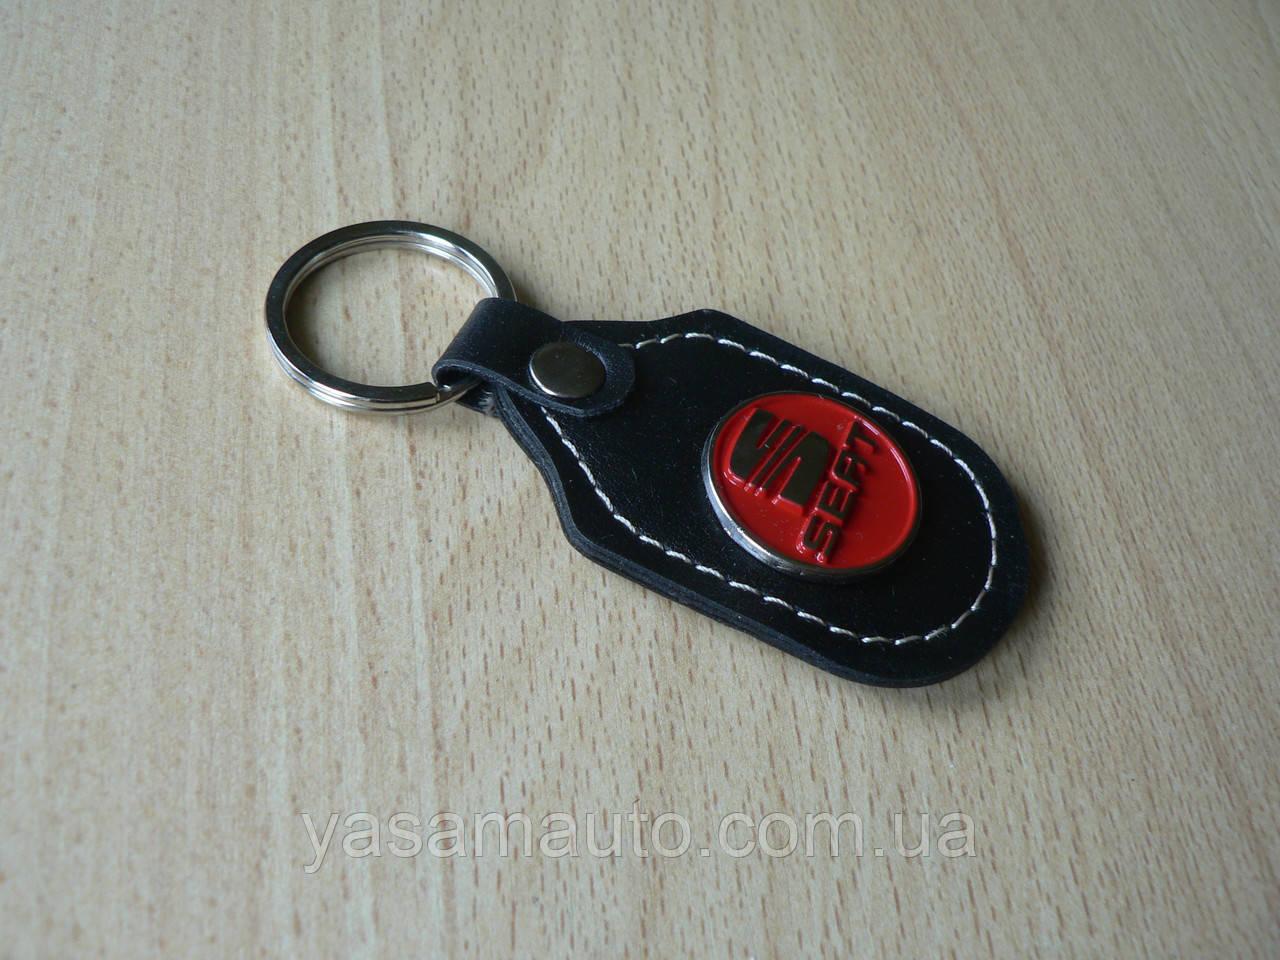 Брелок d продолговатый Seat 97мм 8г кожезаменитель коричневый эмблема красная Сеат на авто ключи